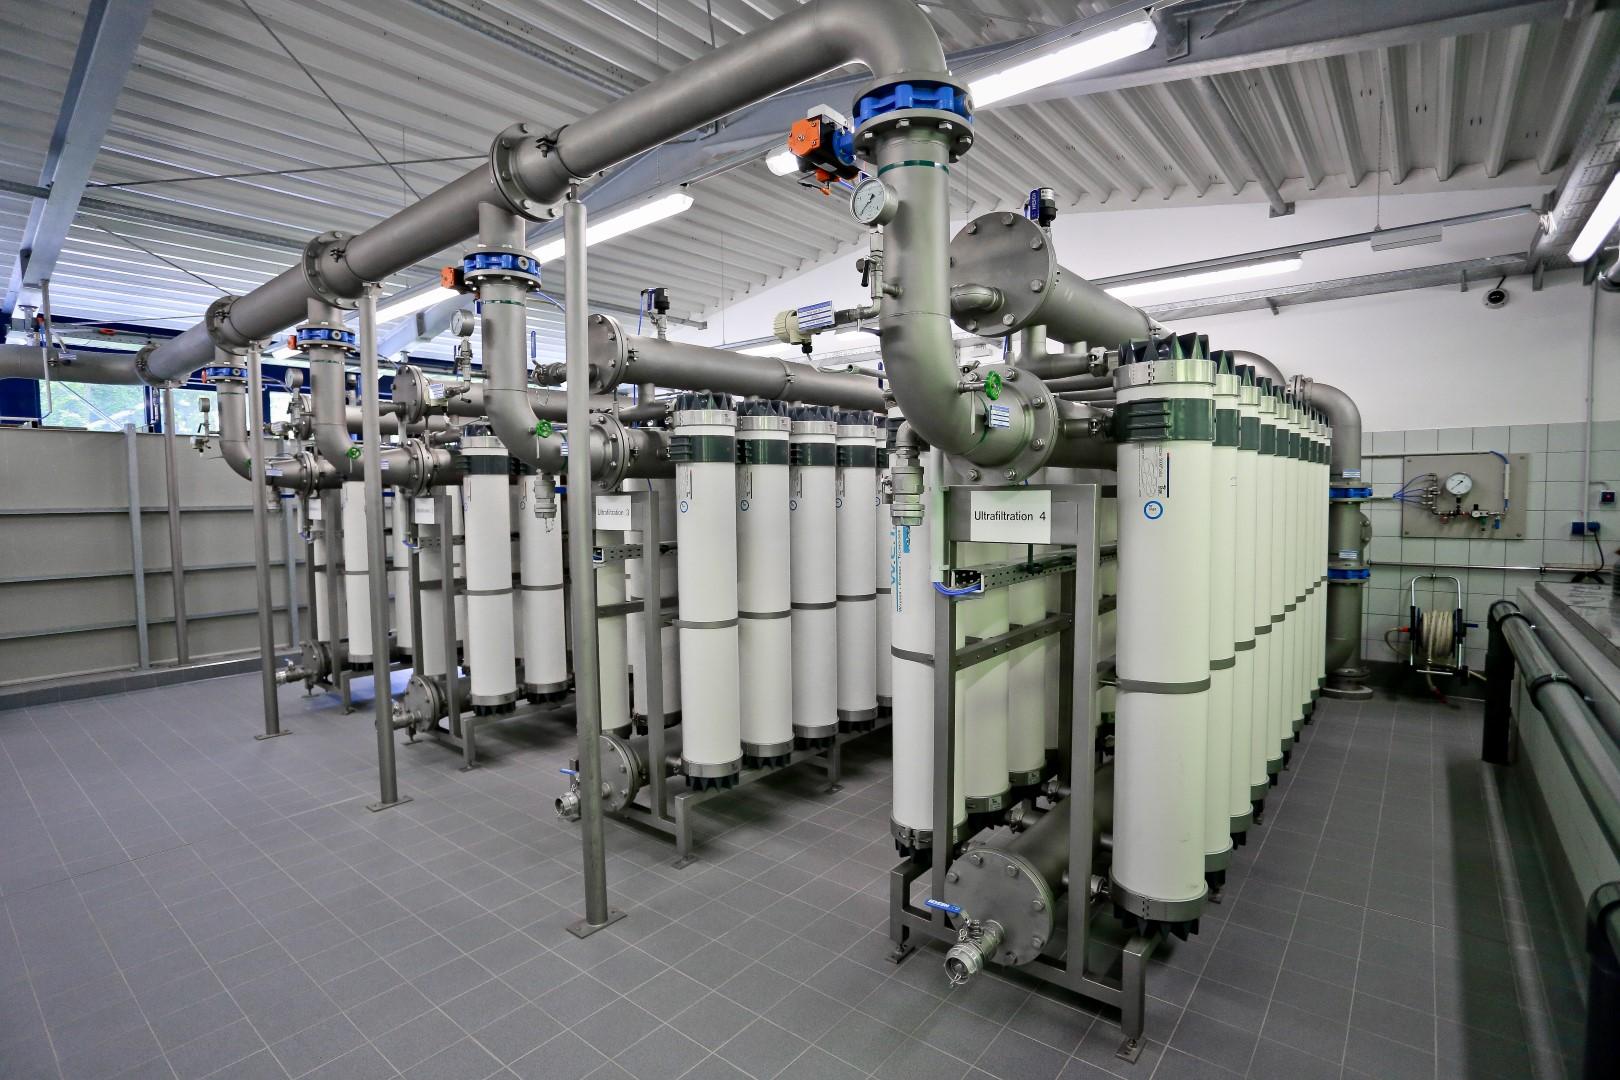 Plafog - Trinkwasseraufbereitungsanlage Grundmühle